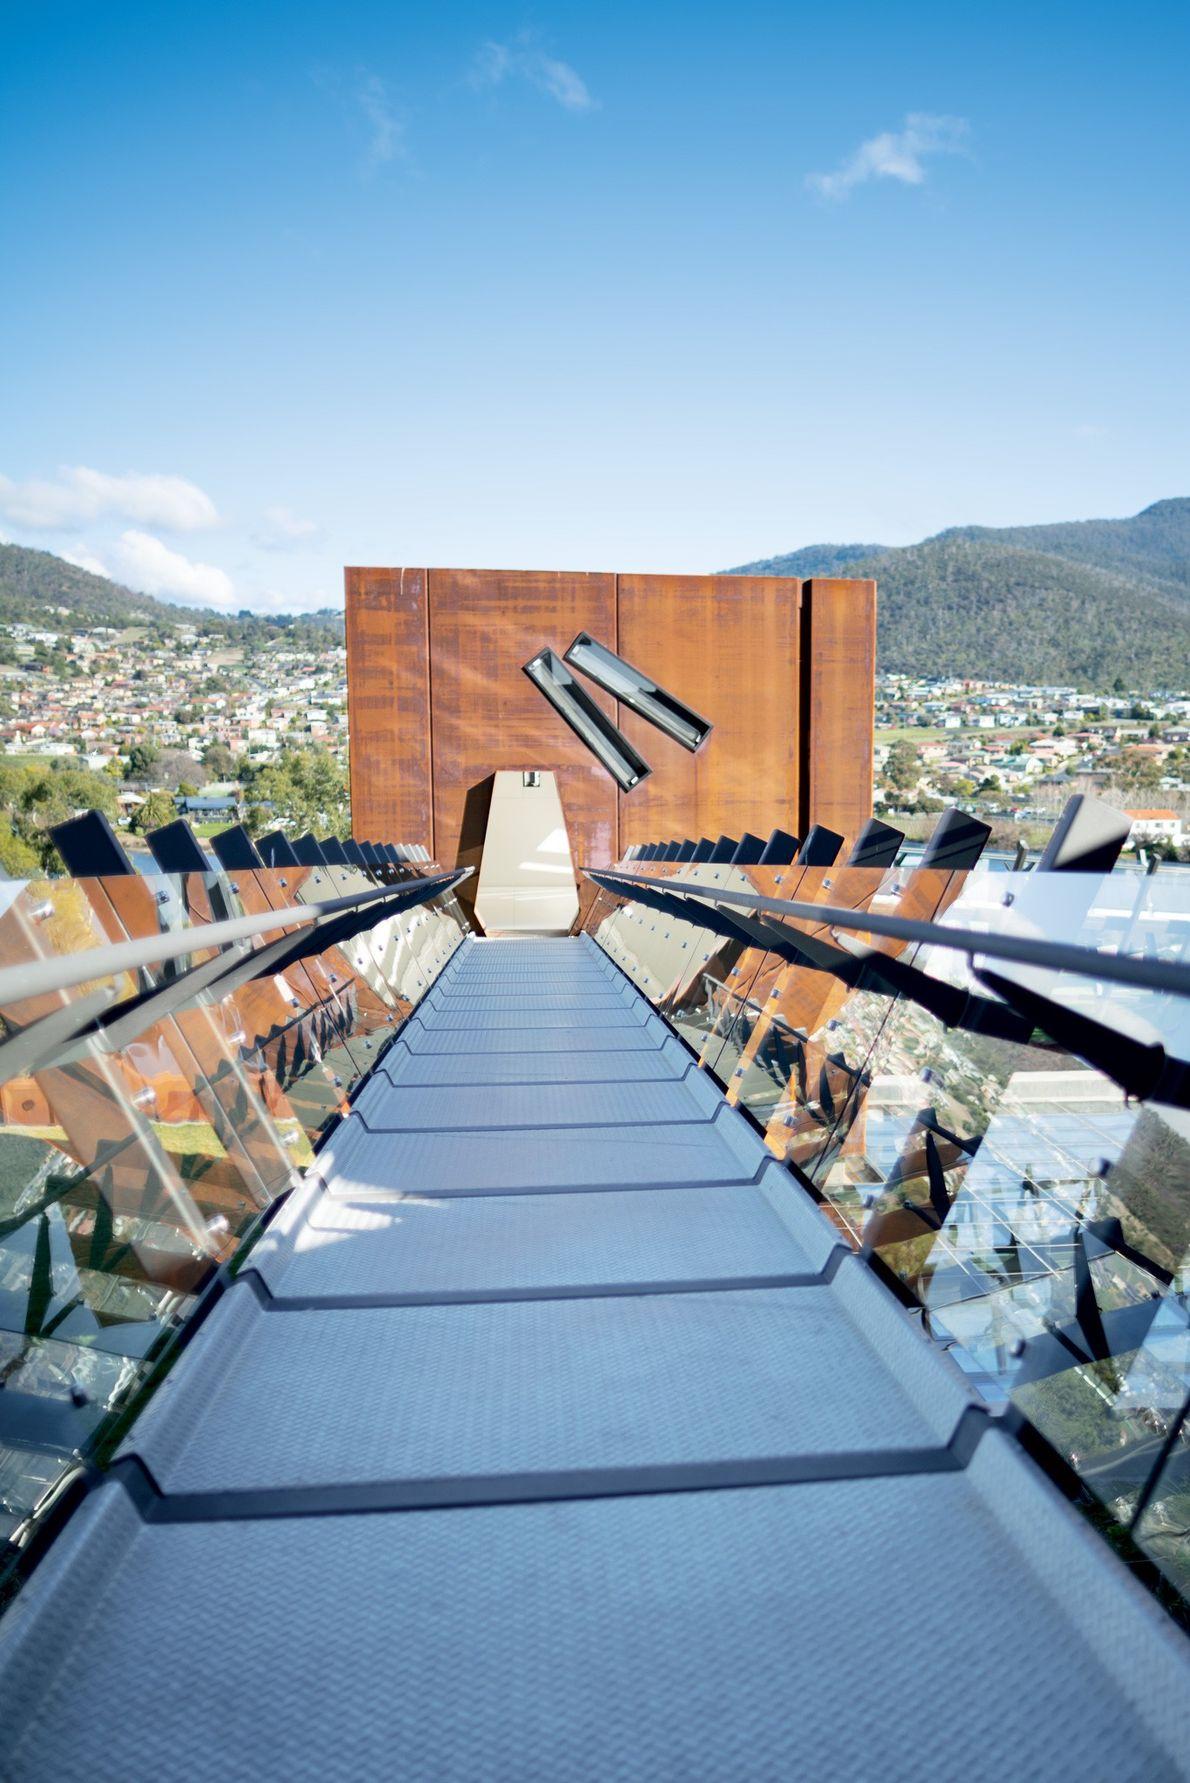 Localizado a montante do rio Derwent, a partir de Hobart, o MONA tem instalações impressionantes, como ...